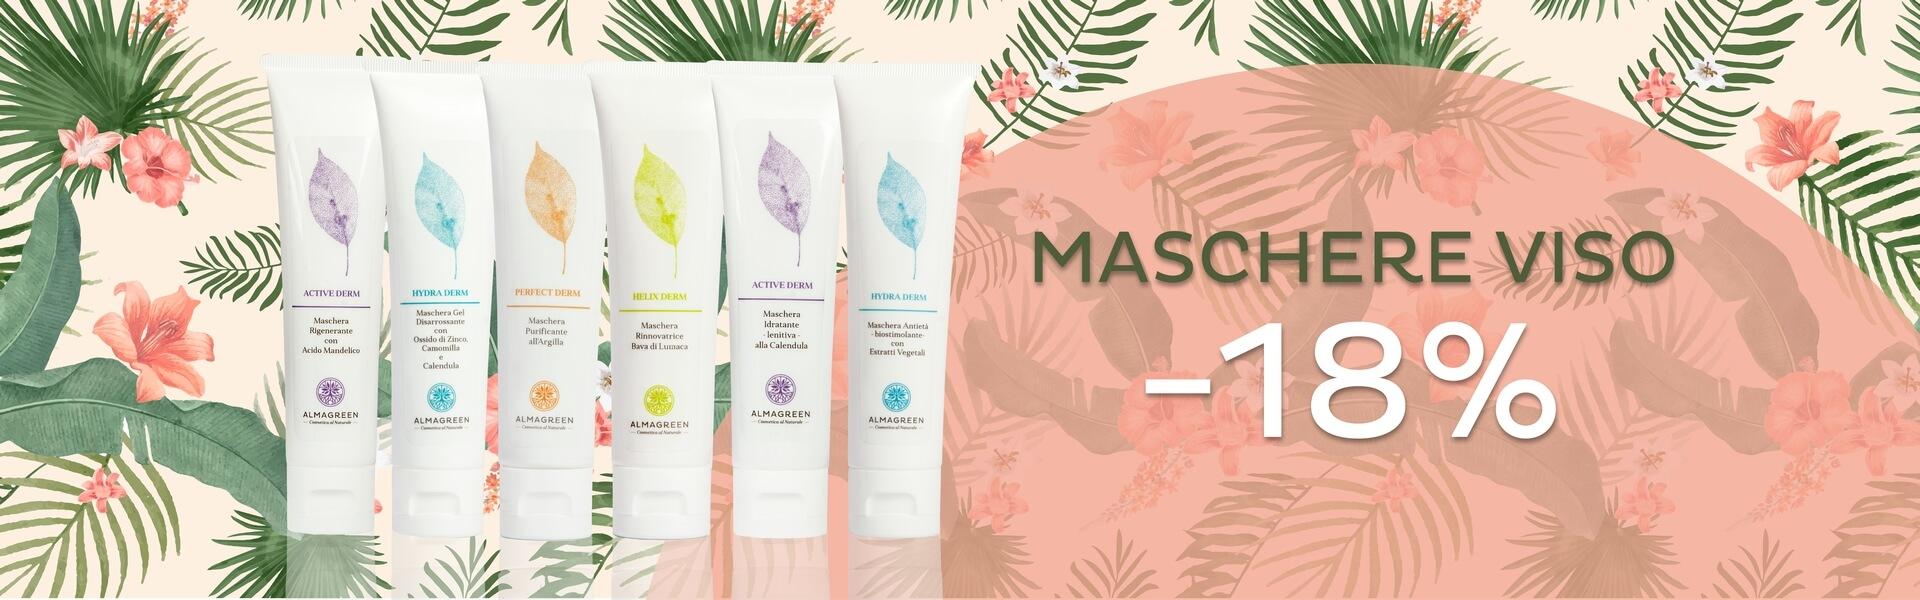 Acquista subito una maschera viso! Per te il 18% di sconto subito - Almagreen - Cosmetica al Naturale